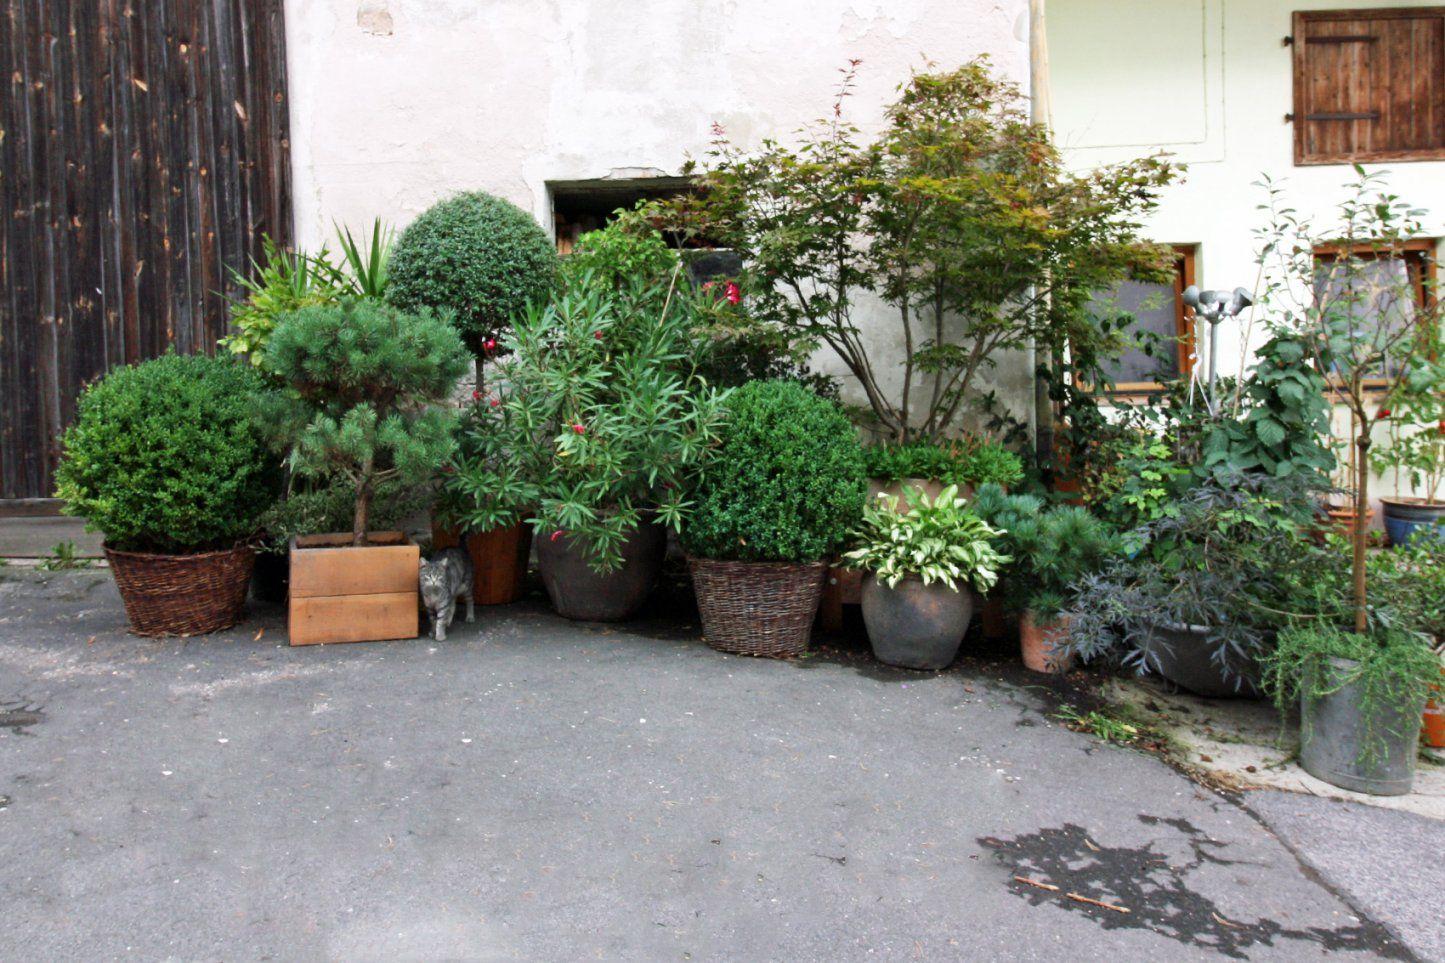 Pflanzen Für Die Kübelbepflanzung  Kübelpflanzen Für Den Garten von Balkonpflanzen Für Pralle Sonne Bild